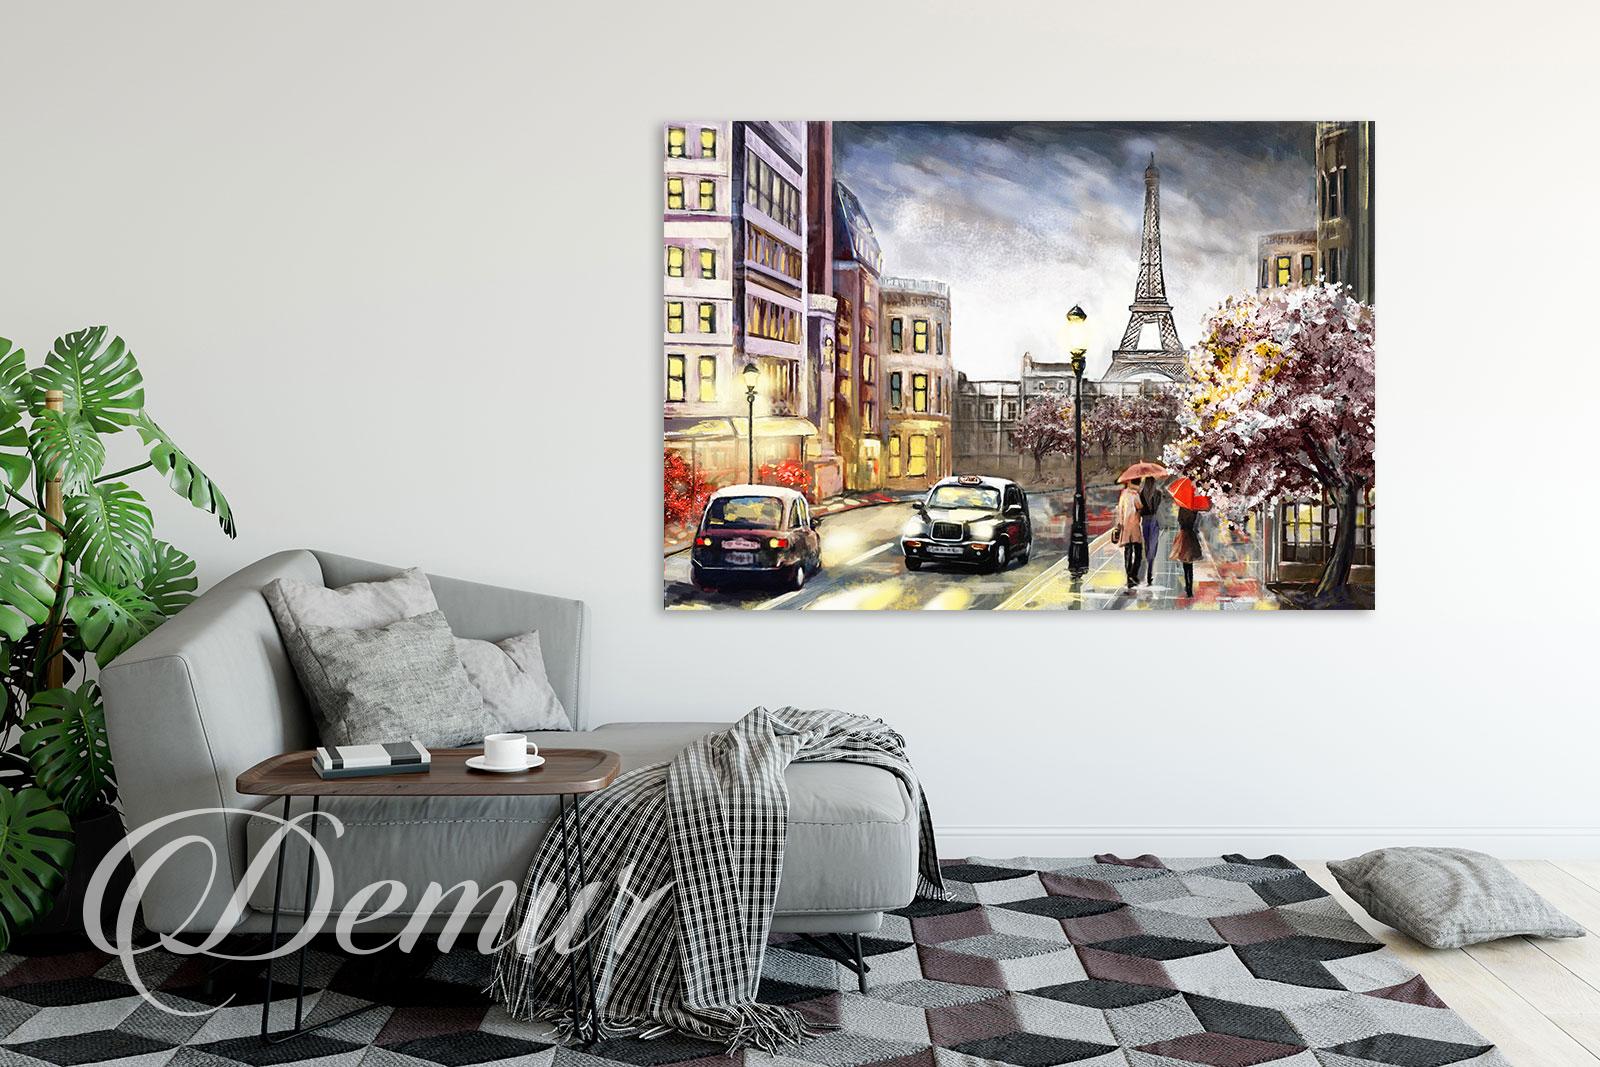 Obraz - Paryż - Pomysł na ścianę w pokoju - Demur